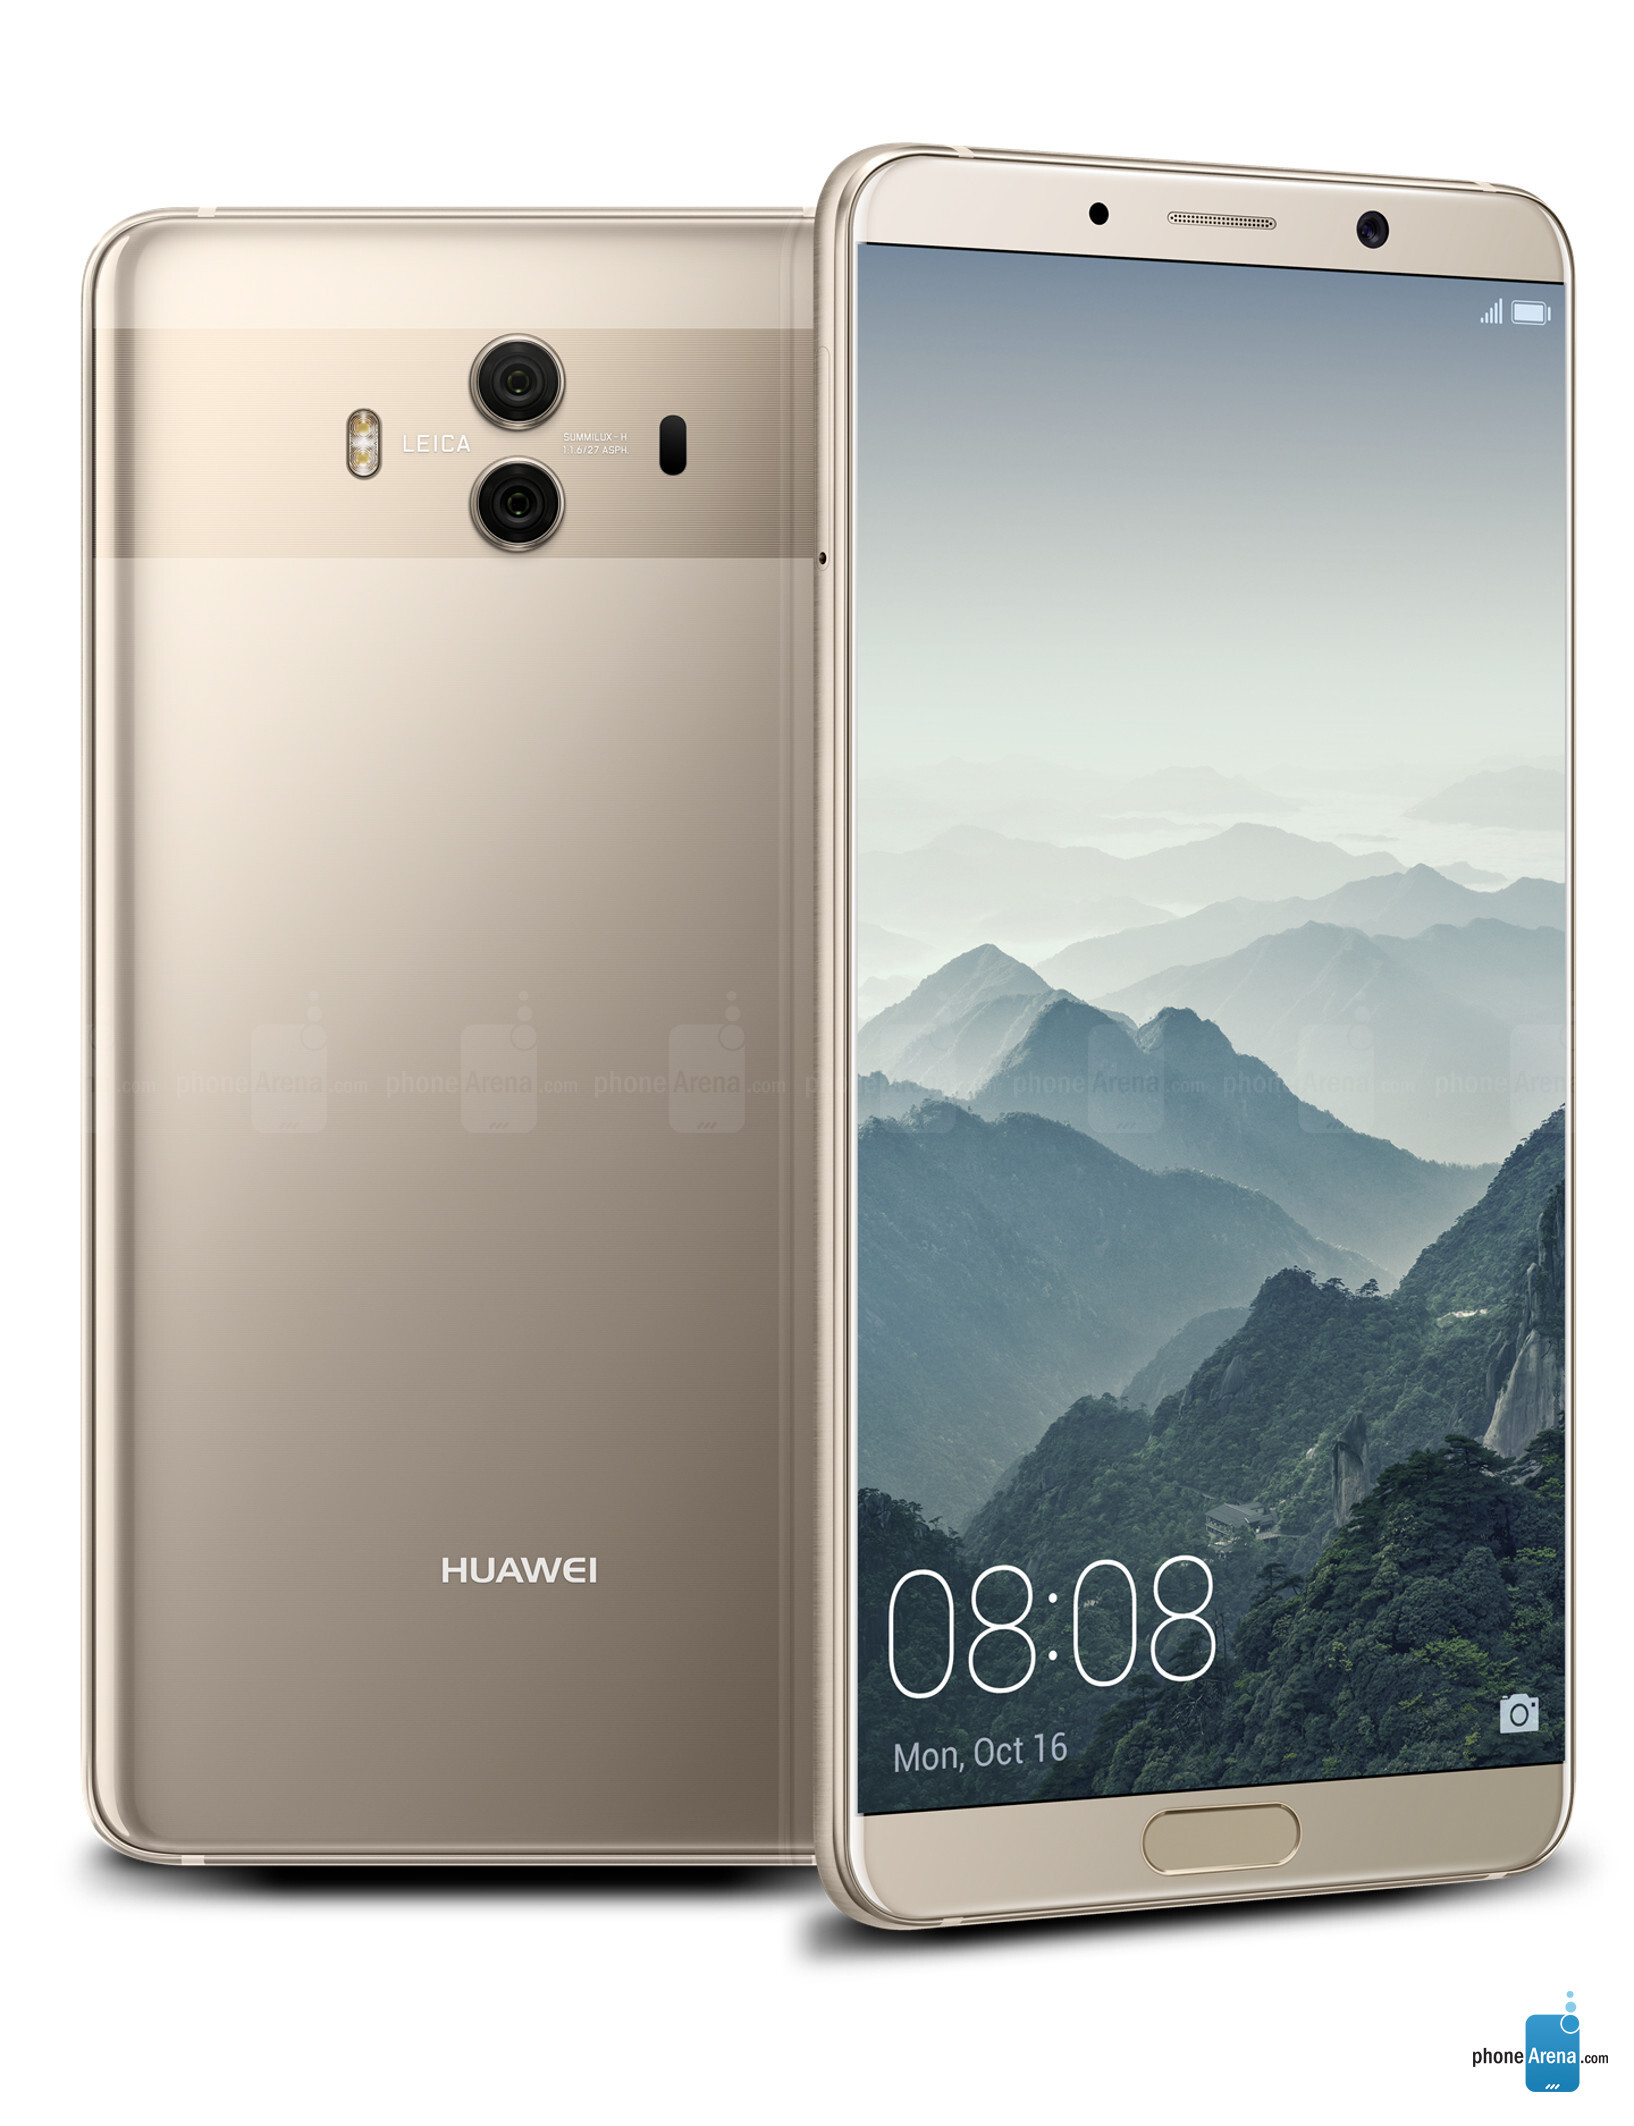 Huawei Mate 10 specs